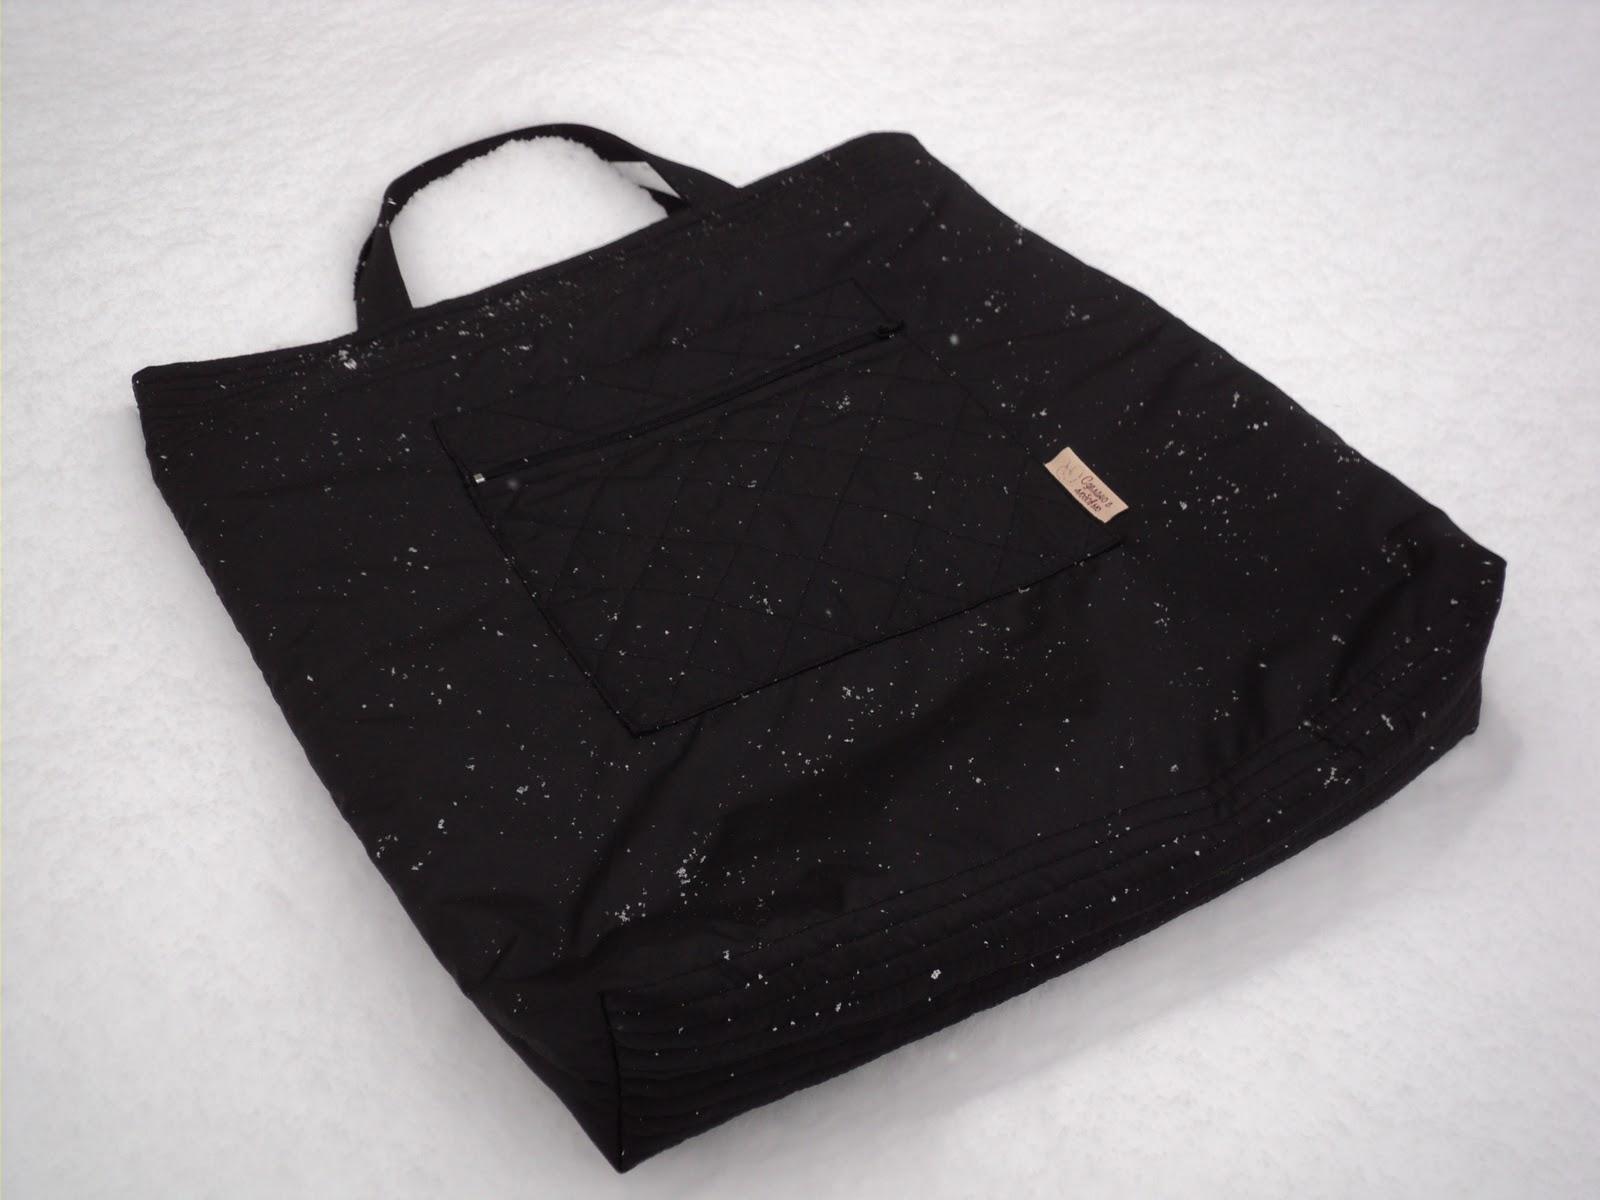 Как сшить хозяйственную сумку своими руками?